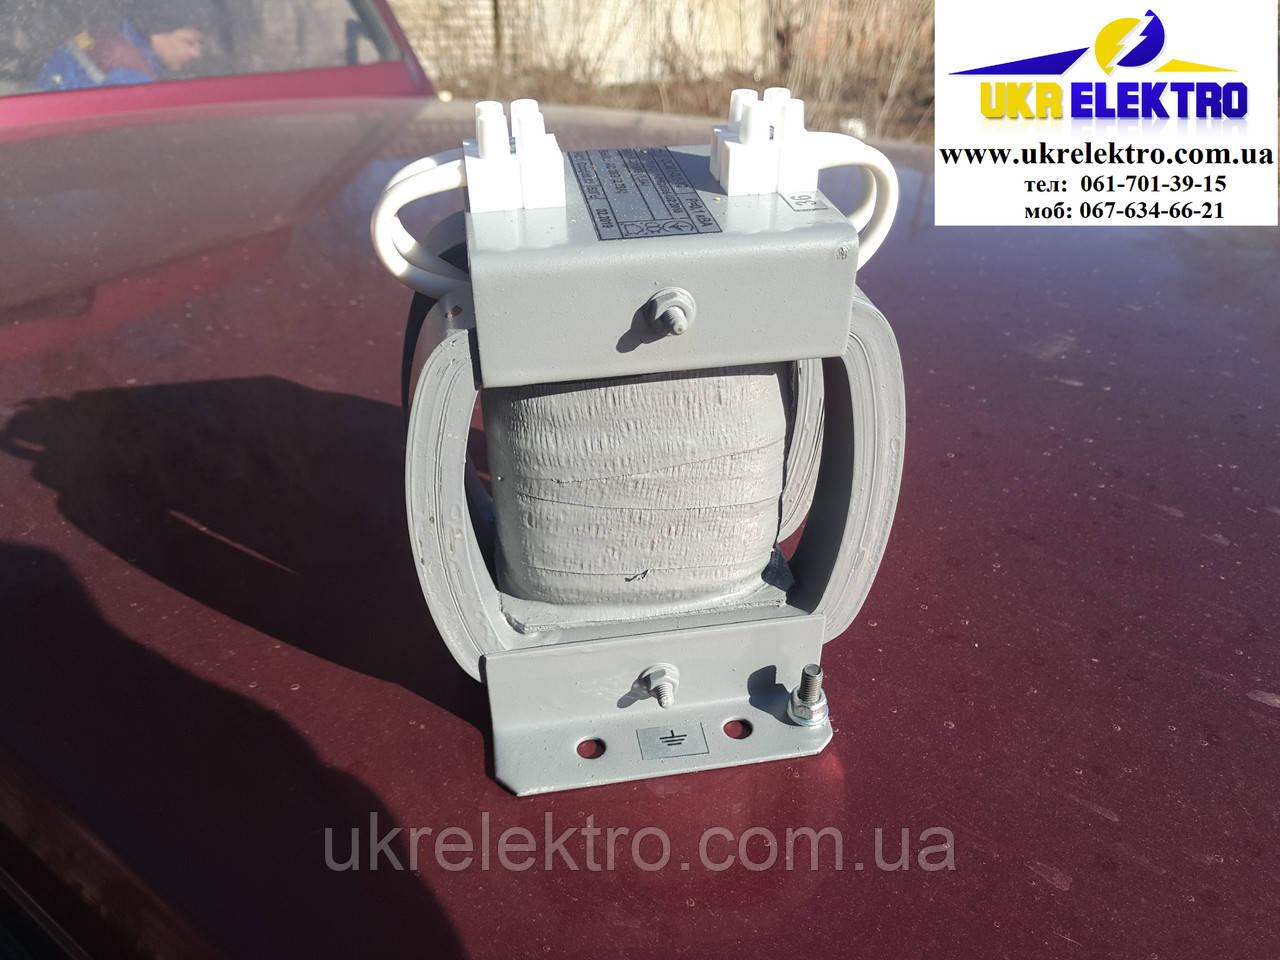 Трансформатор ОСМ-1 0,1